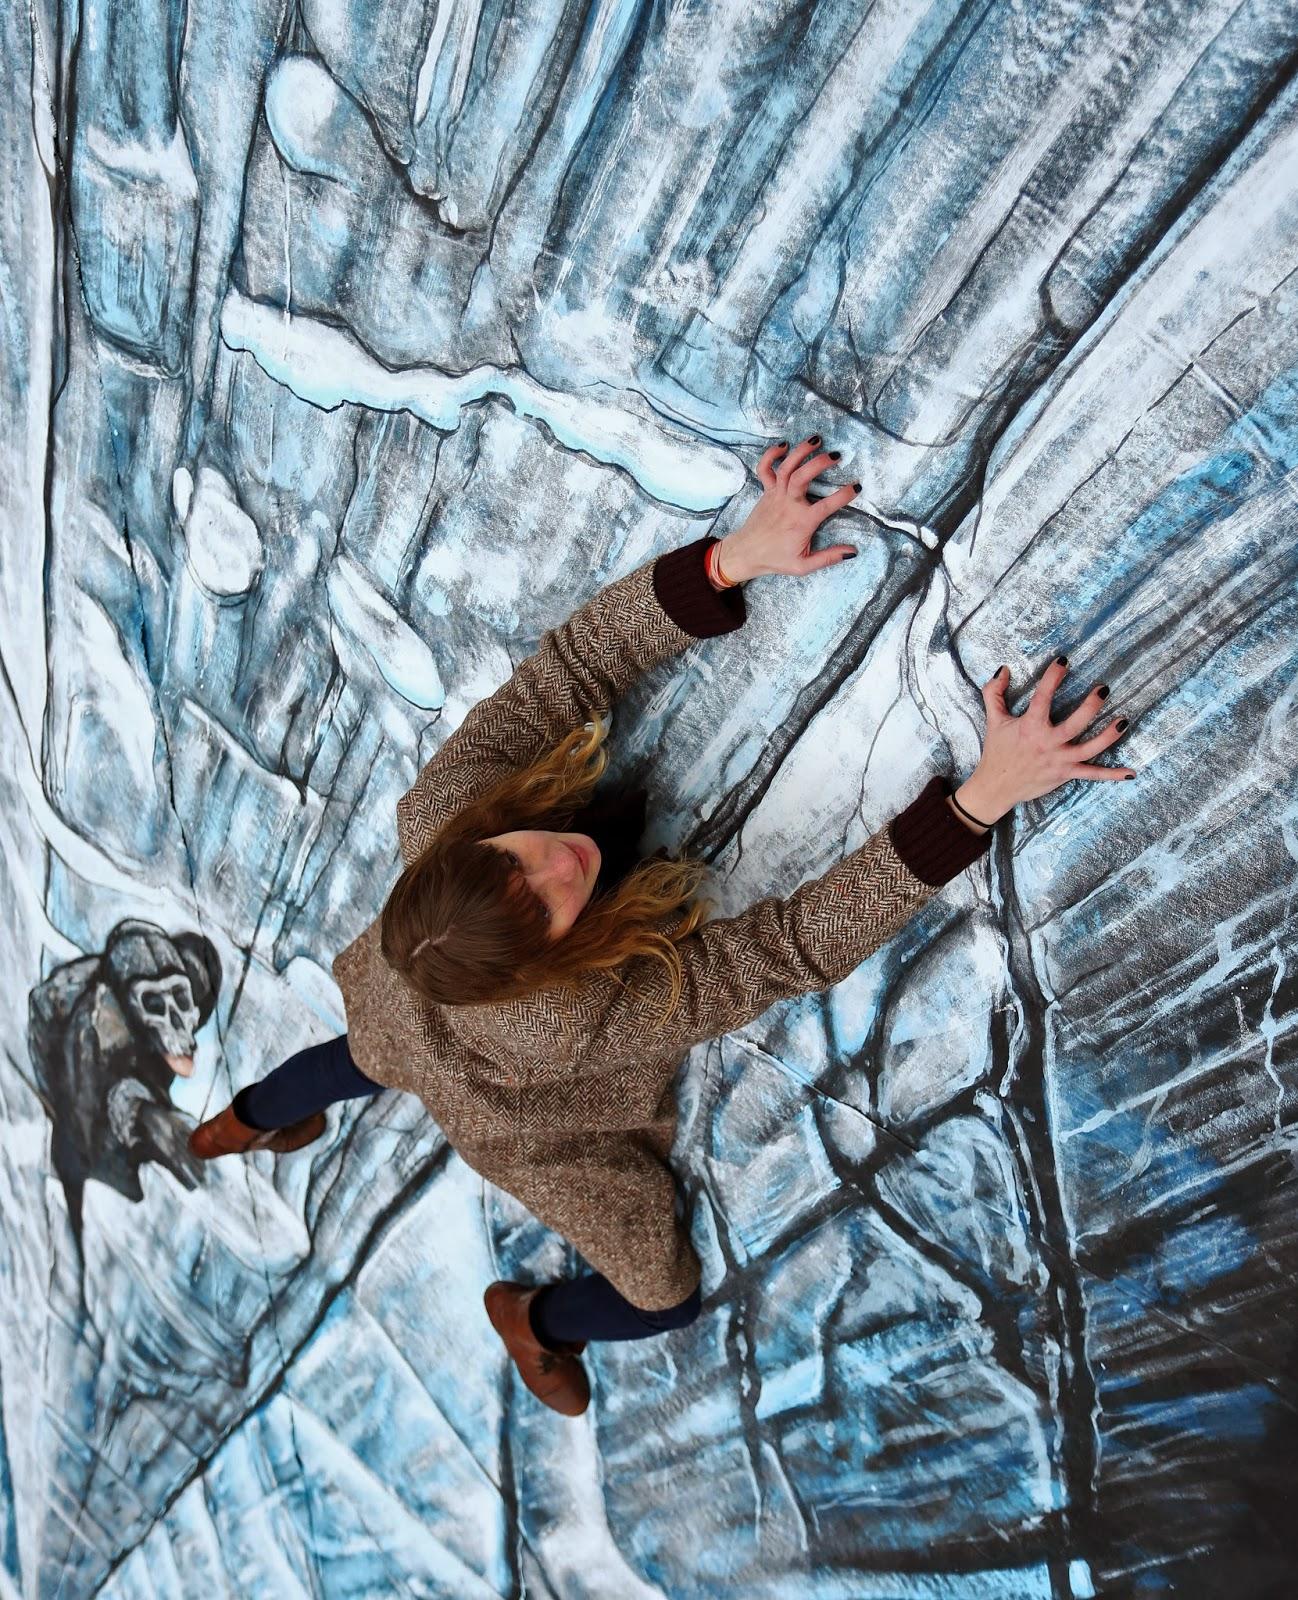 Geek Art Gallery: Street Art: The Wall Chalk Art